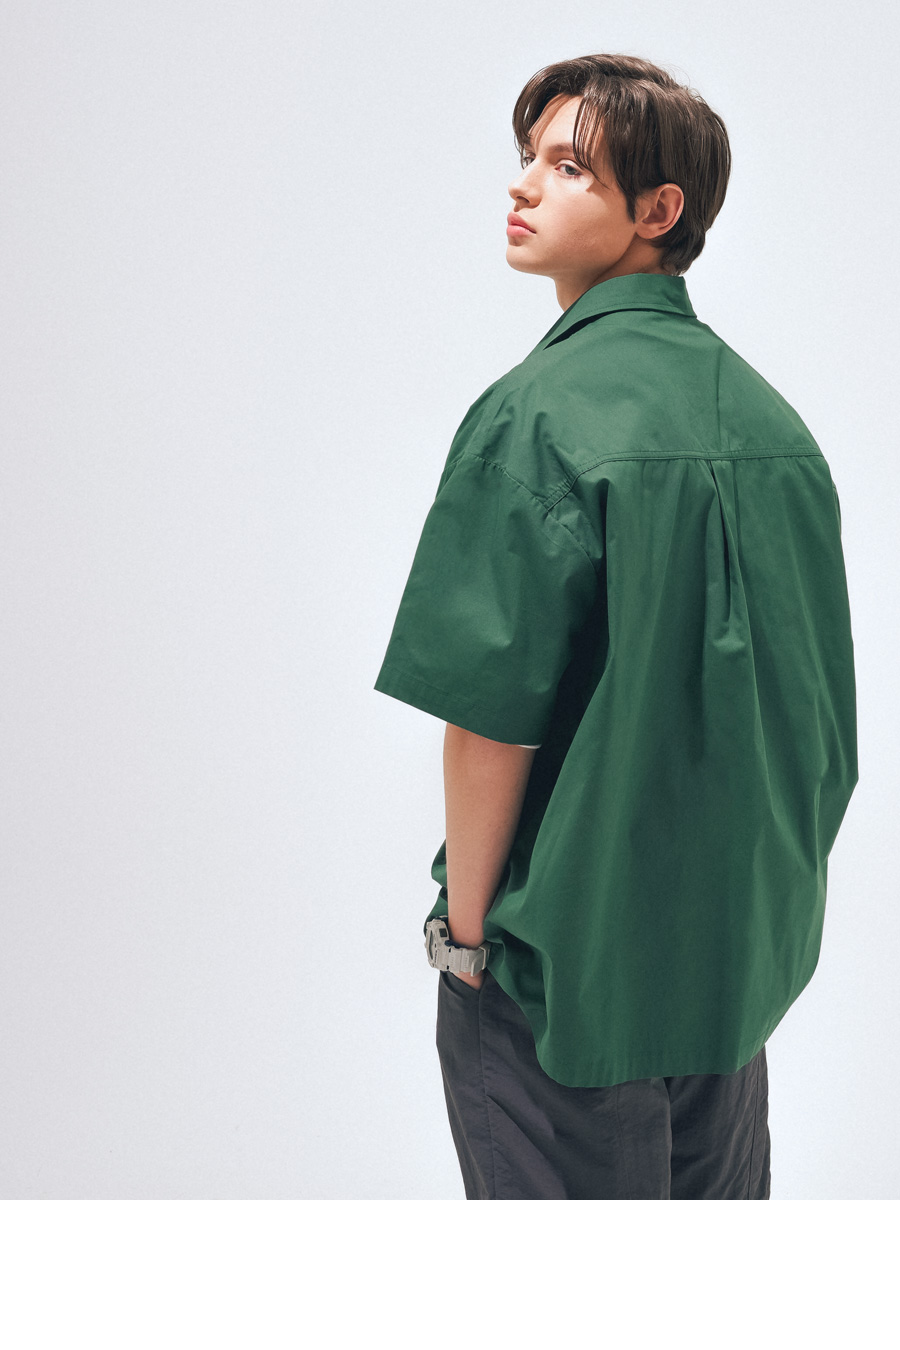 [다이클레즈] 포케터블 셔츠 5종 TWSS5147